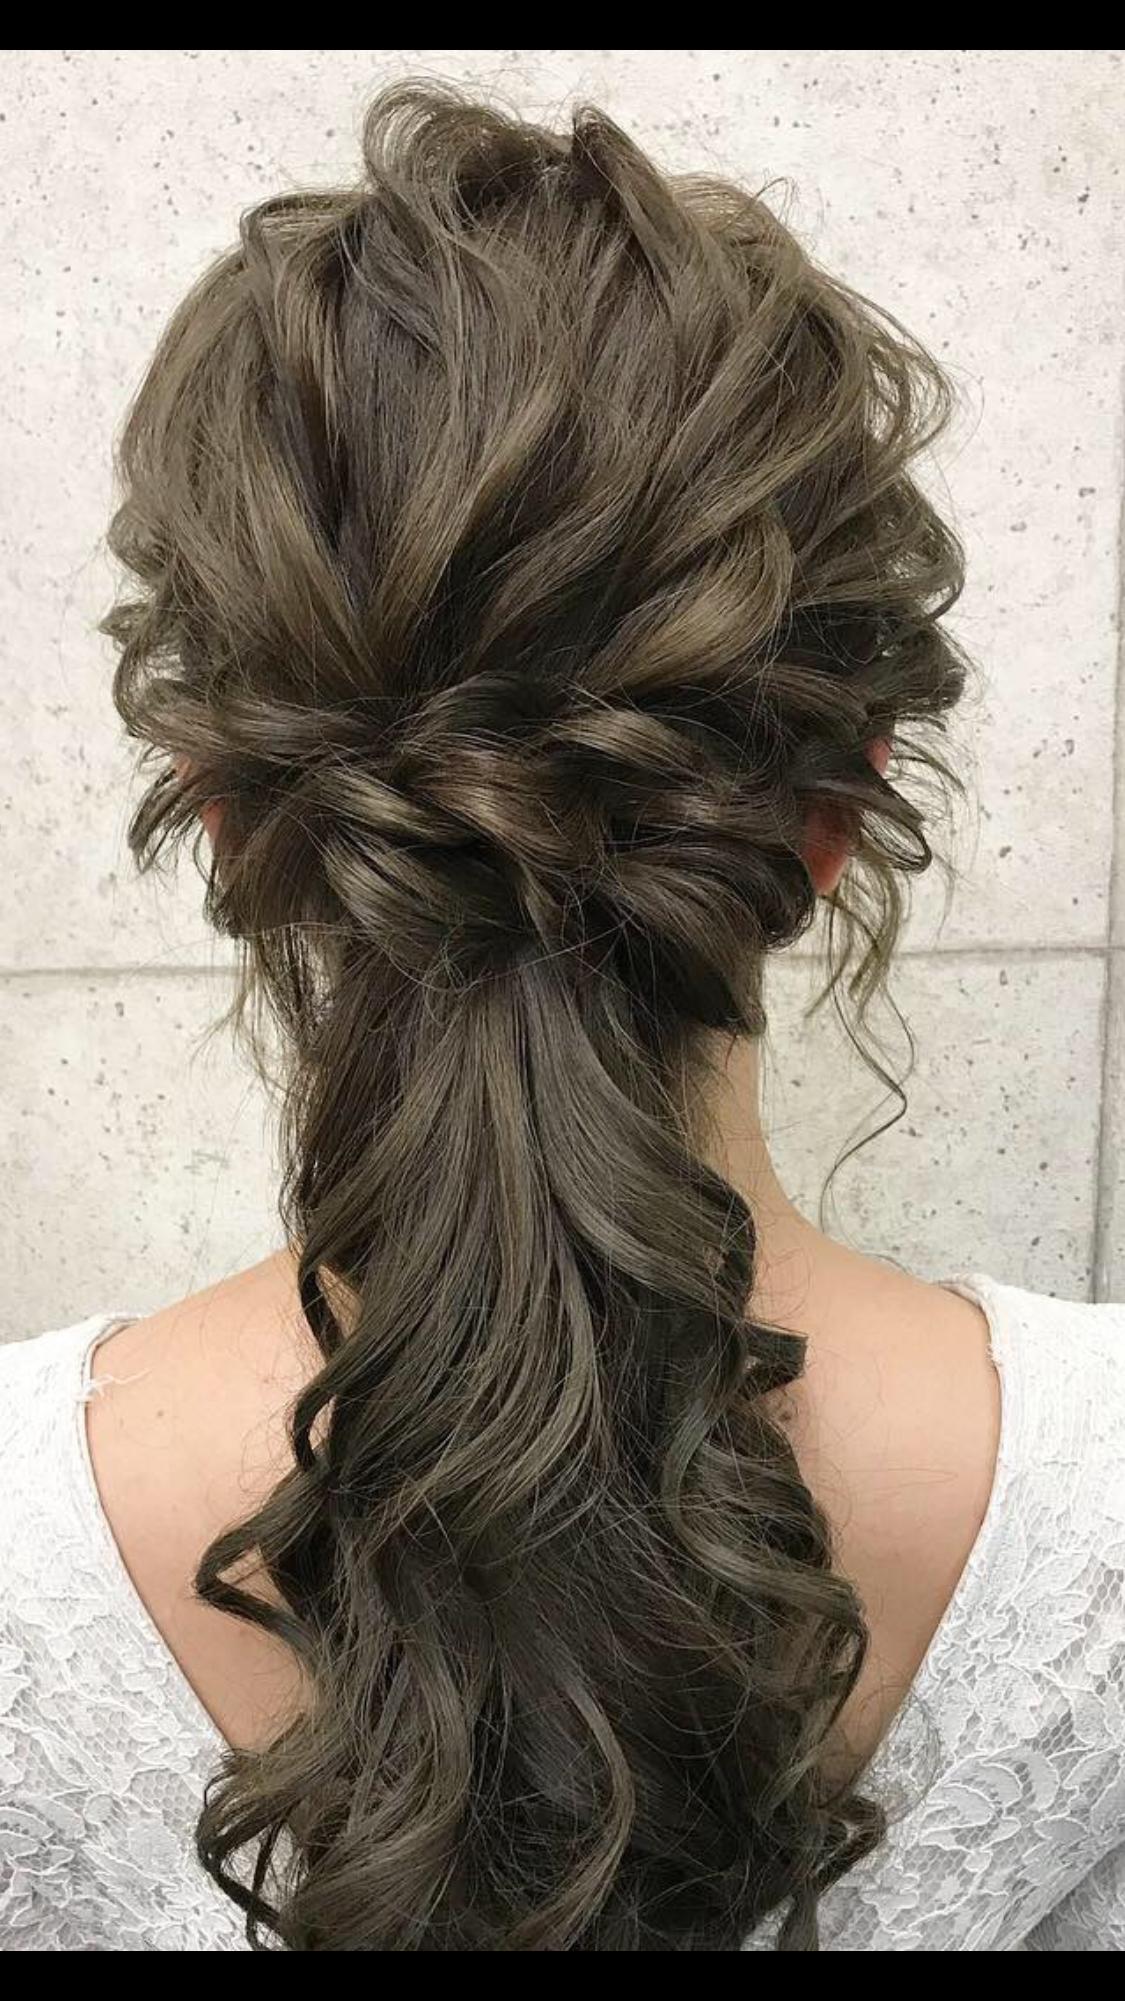 ハーフアップ Hairstyles 美しいヘアスタイル ヘアセット ロング 袴 ヘアスタイル ハーフアップ